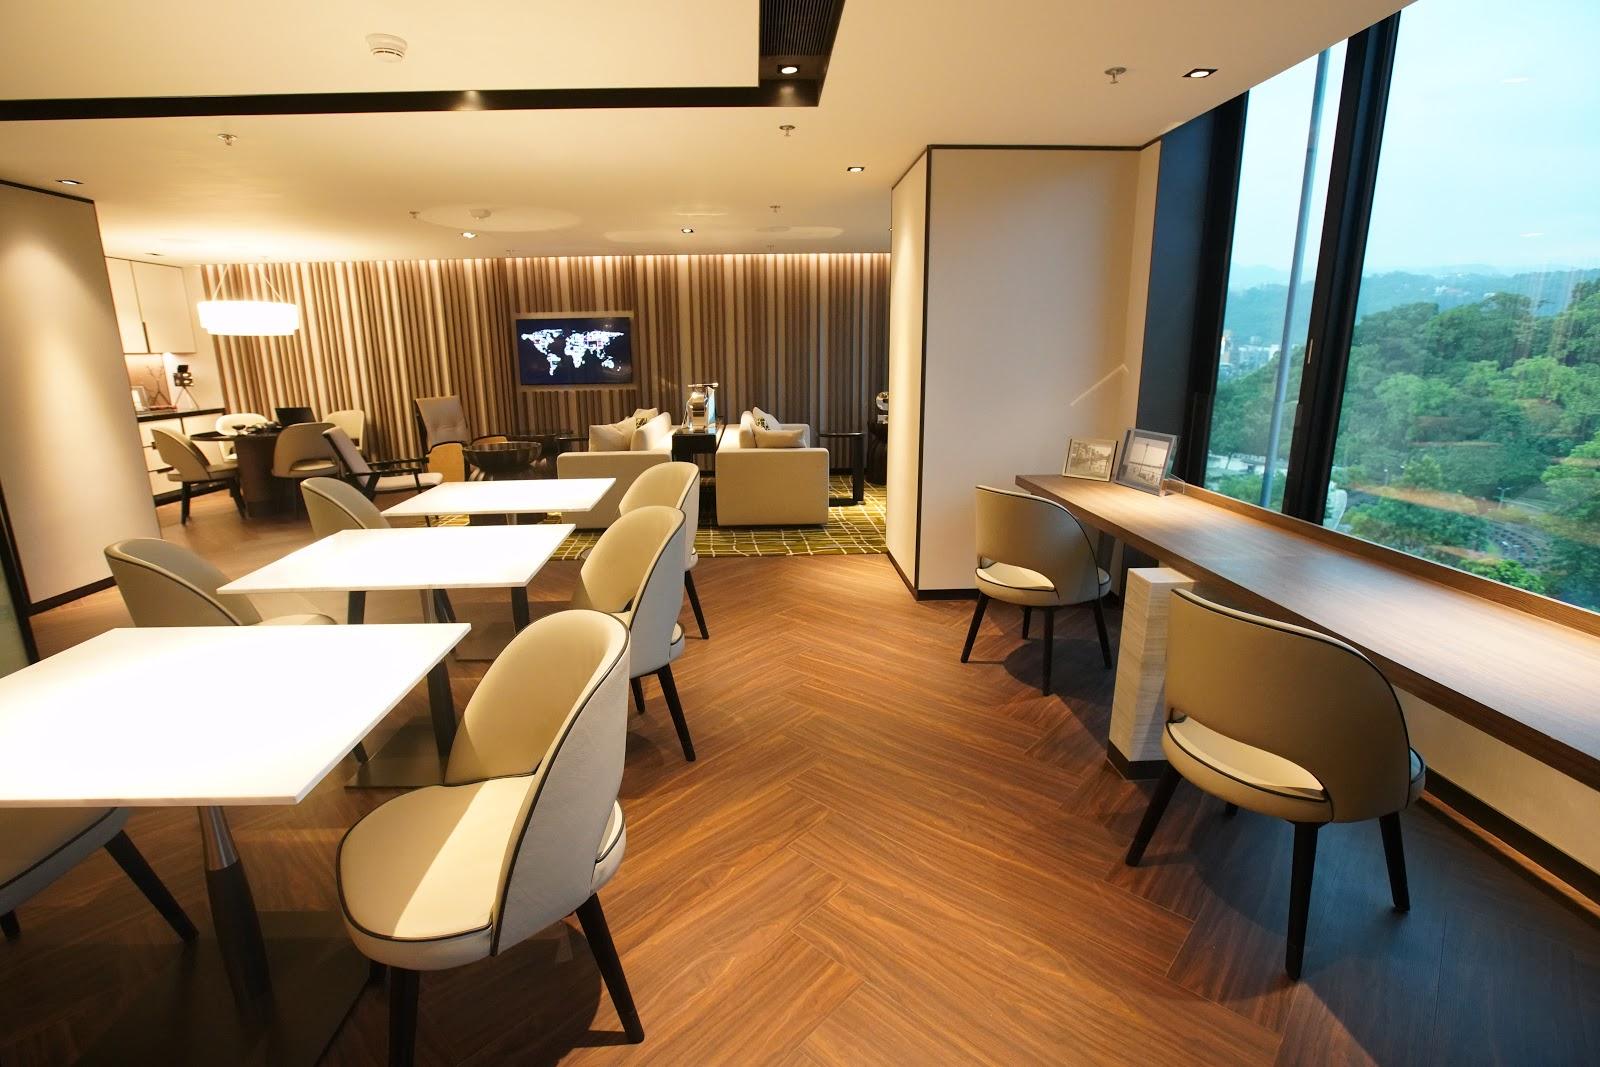 住宿|台北士林萬麗酒店 Renaissance Taipei Shihlin Hotel 行政酒廊